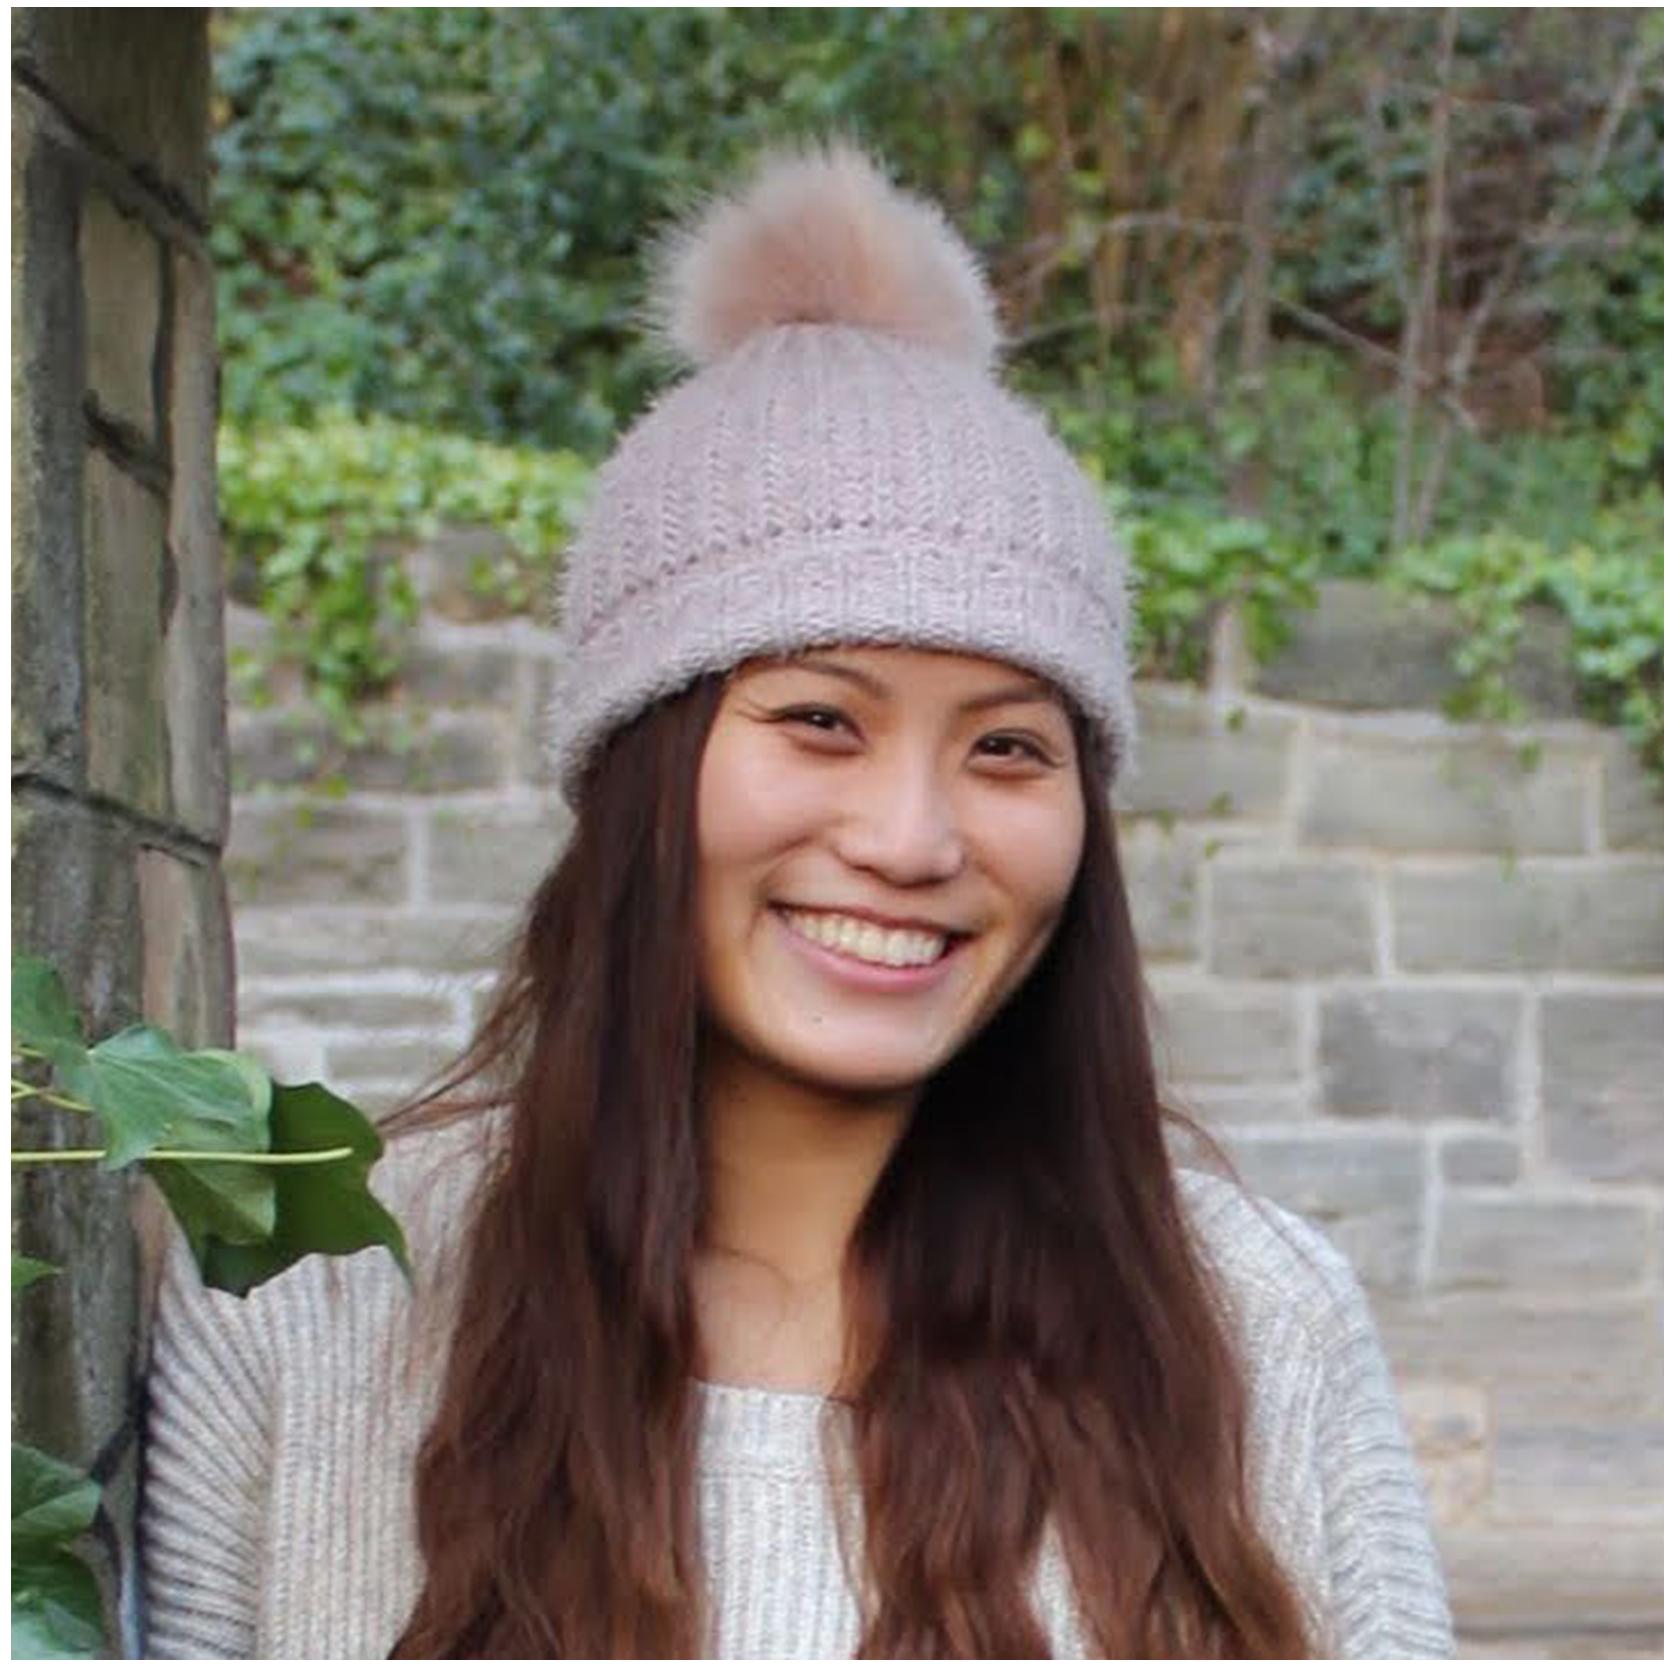 Christina Choy smiling at the camera